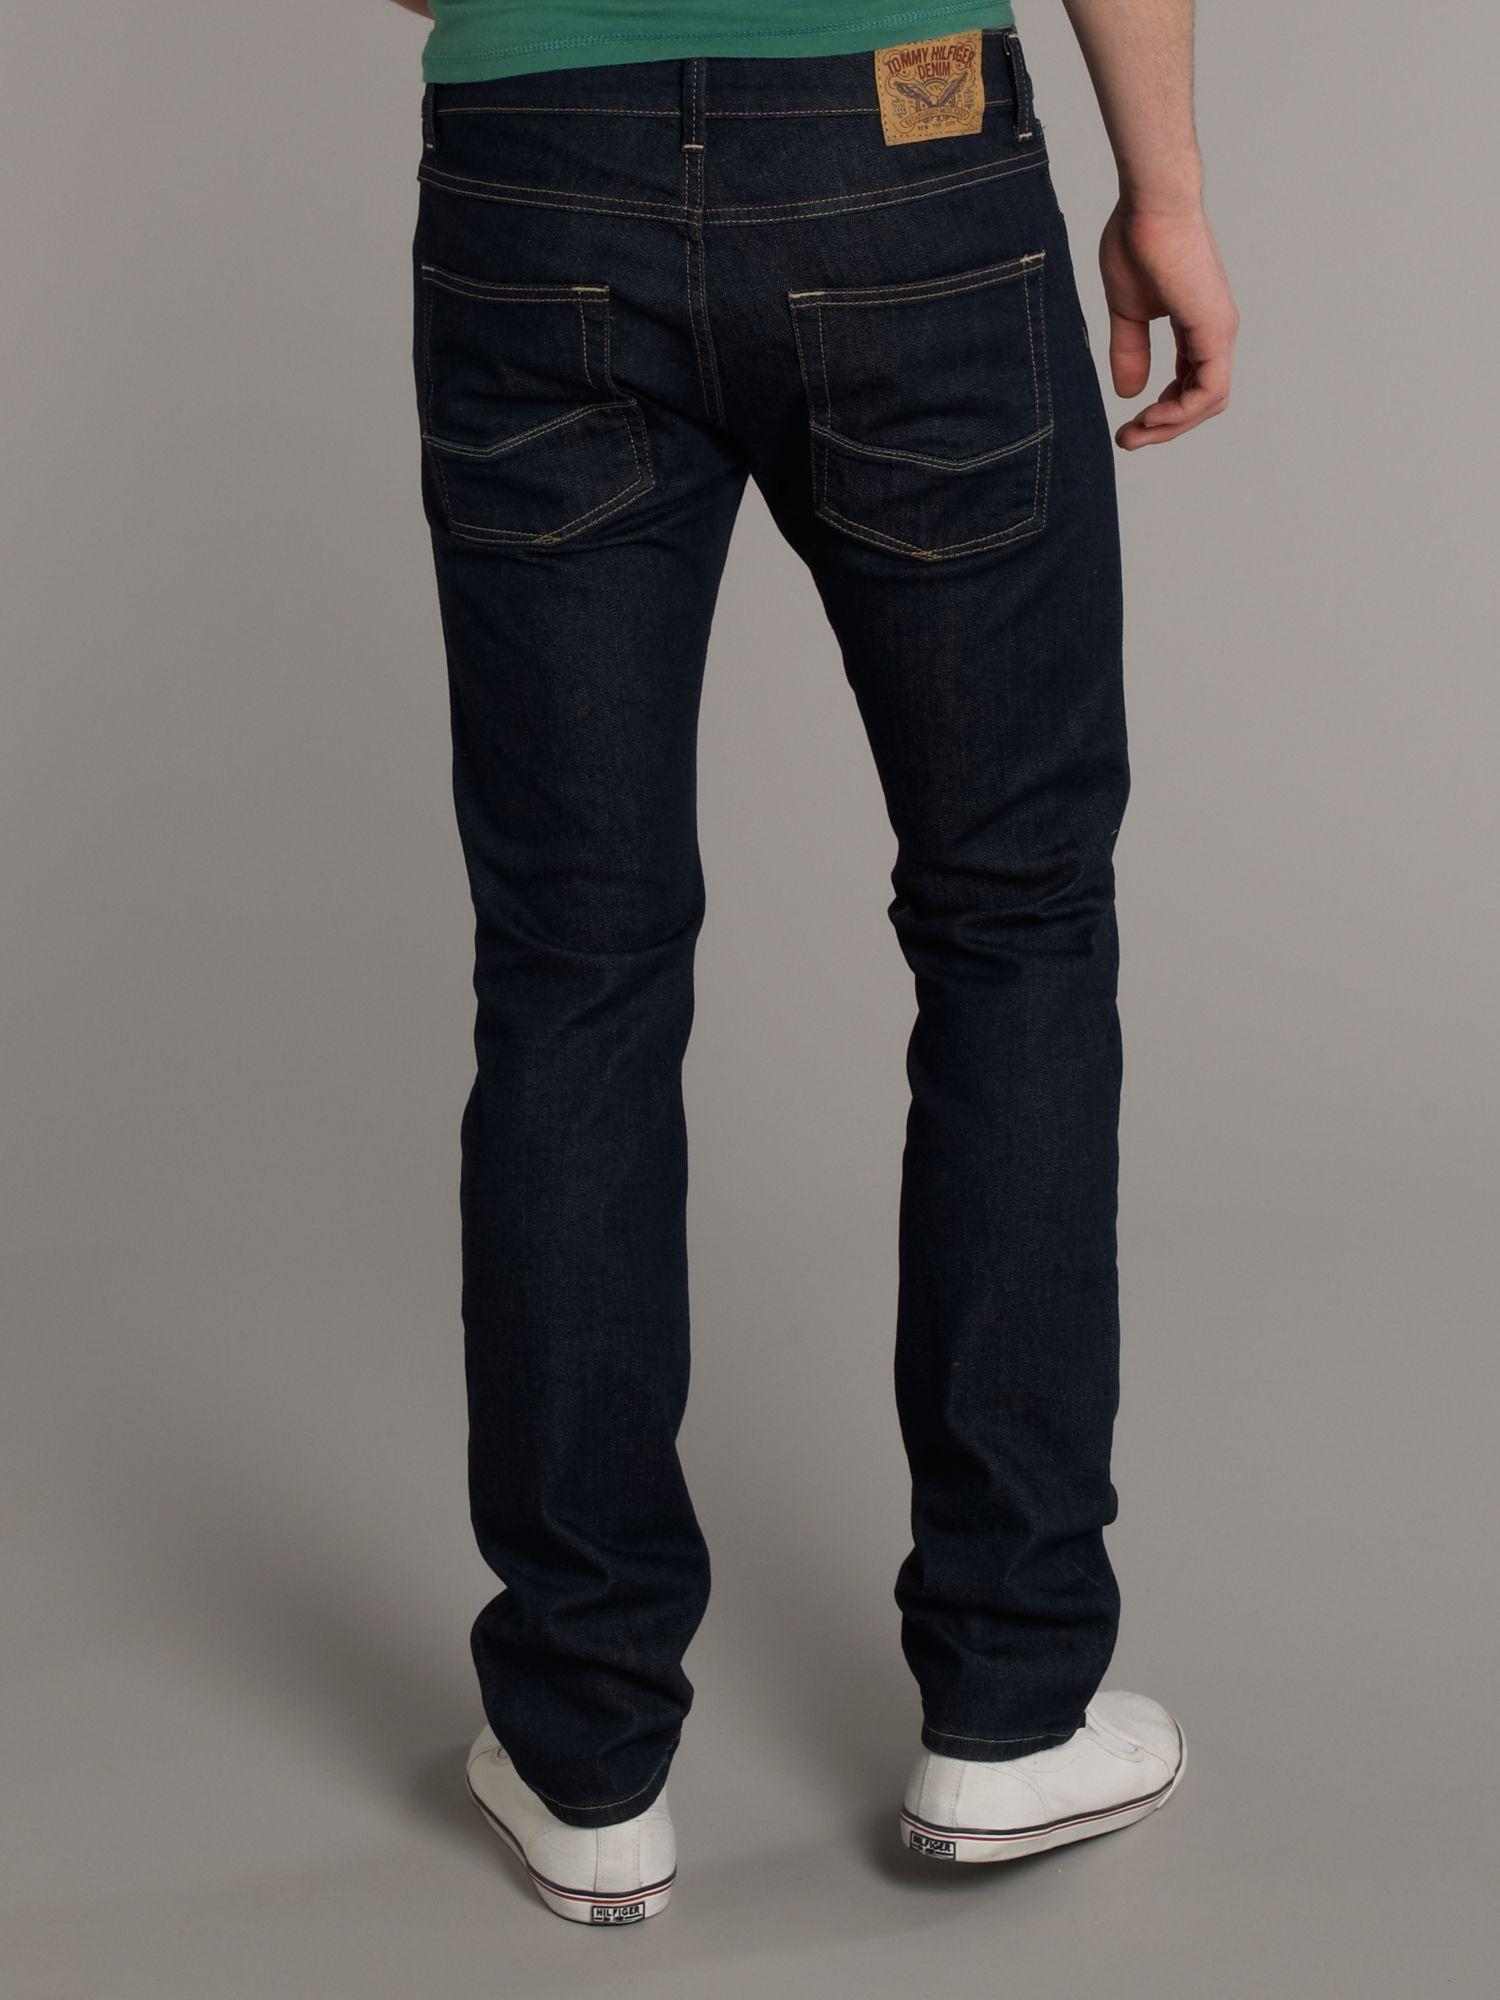 tommy hilfiger sin denim clyde comfort jeans in blue for men lyst. Black Bedroom Furniture Sets. Home Design Ideas